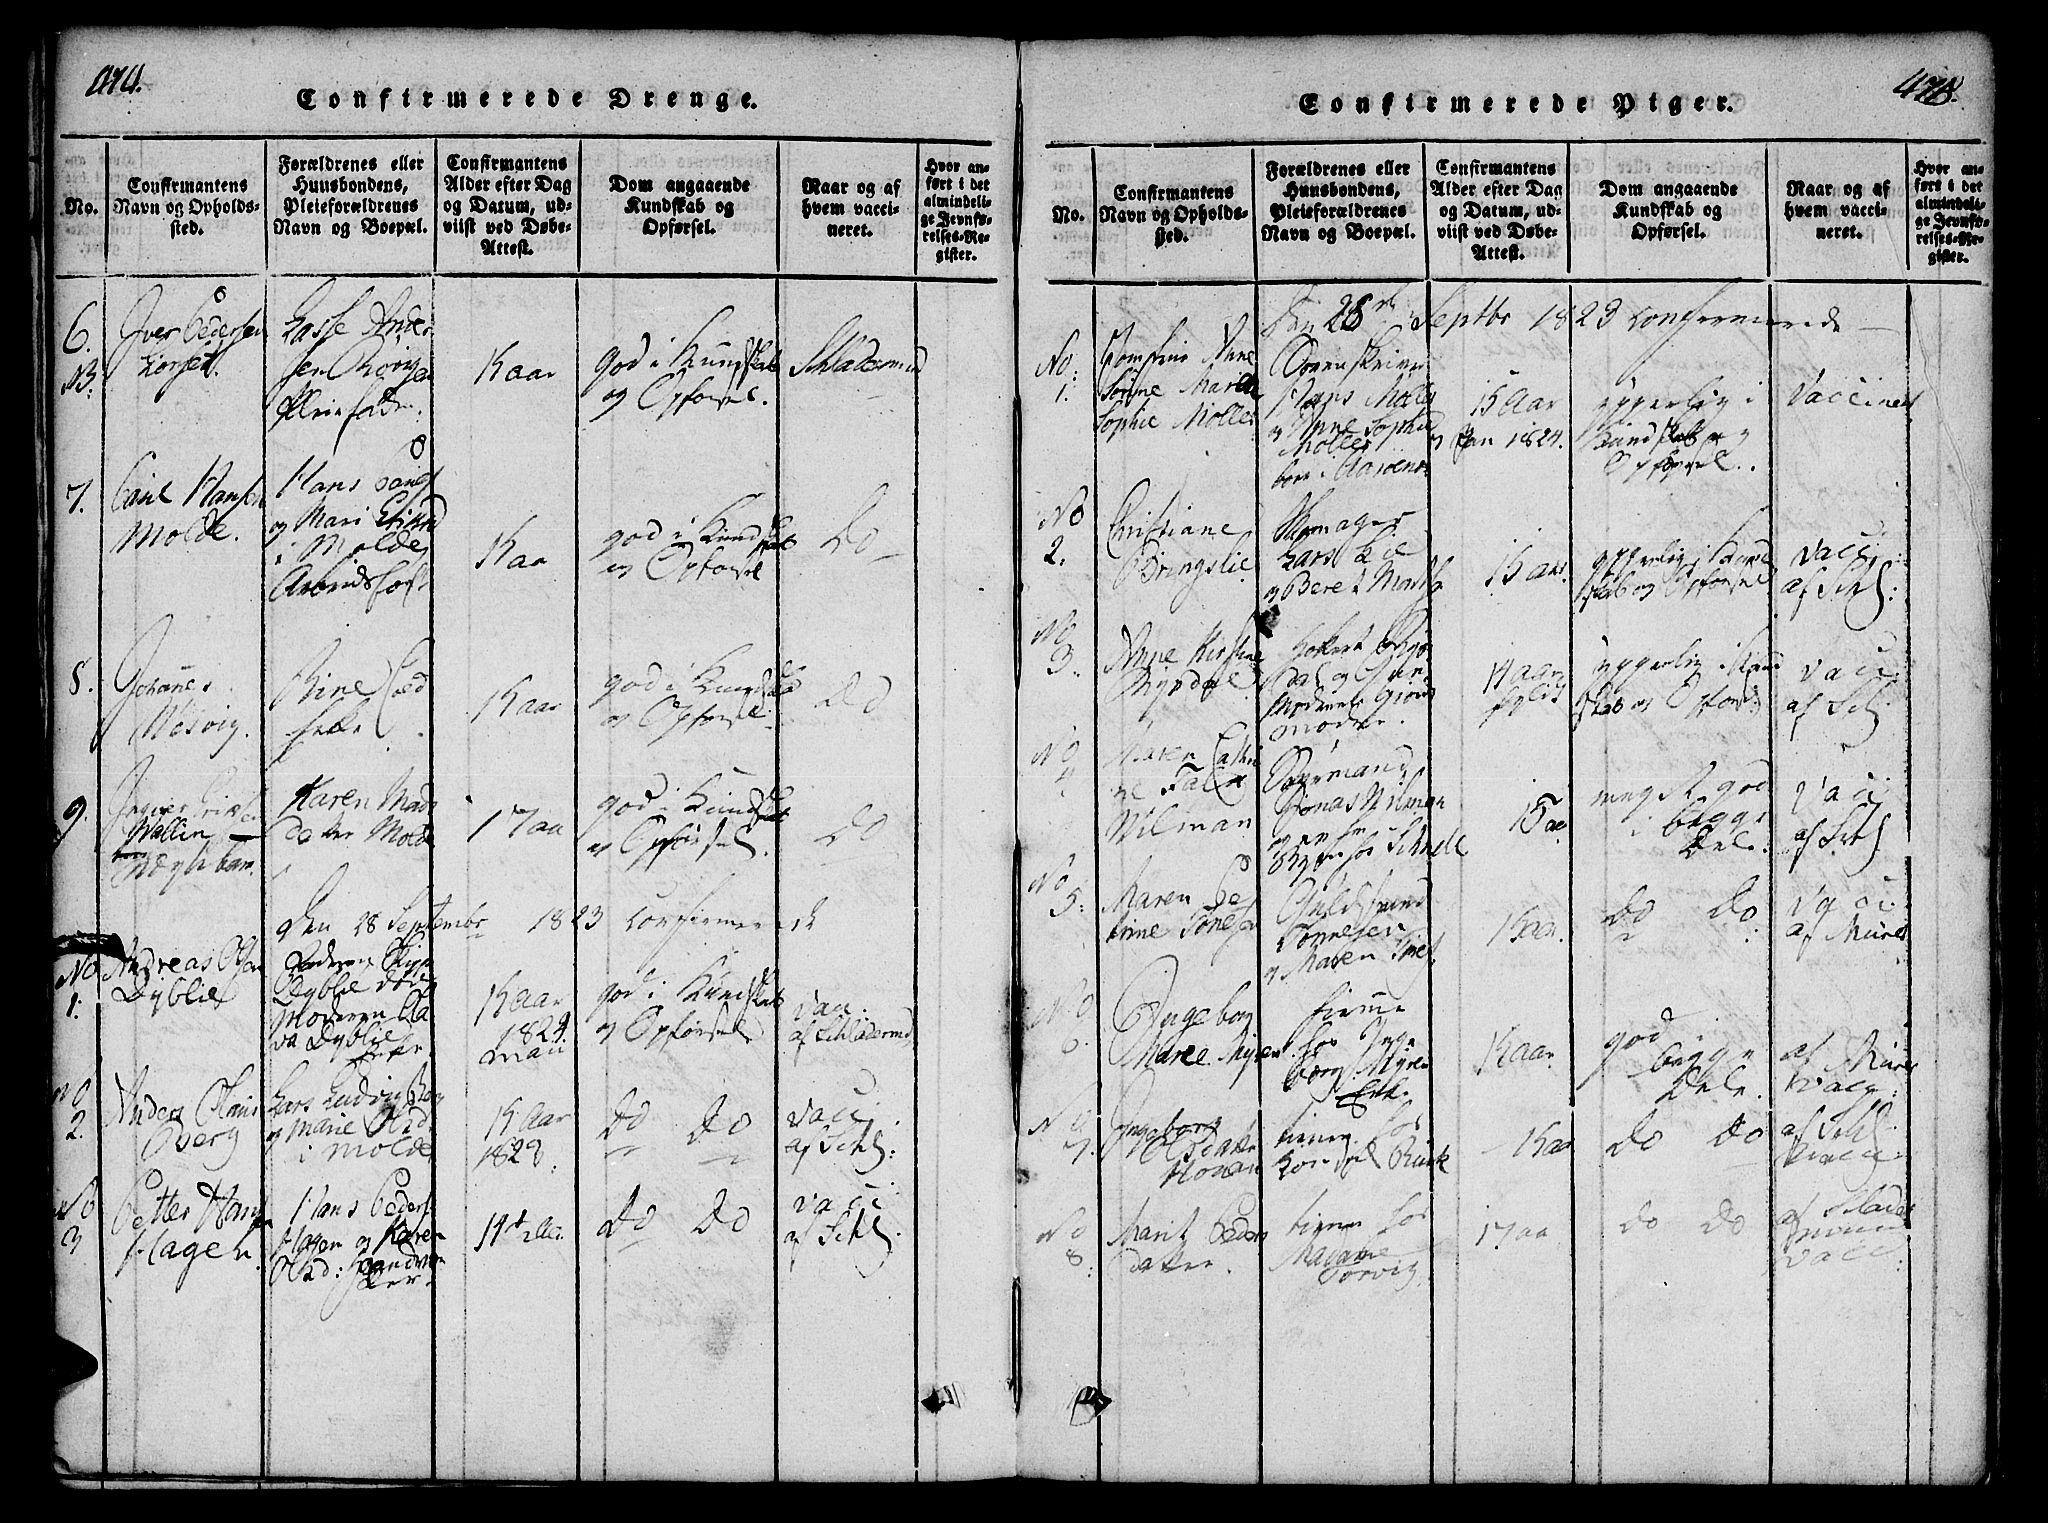 SAT, Ministerialprotokoller, klokkerbøker og fødselsregistre - Møre og Romsdal, 558/L0688: Ministerialbok nr. 558A02, 1818-1843, s. 474-475